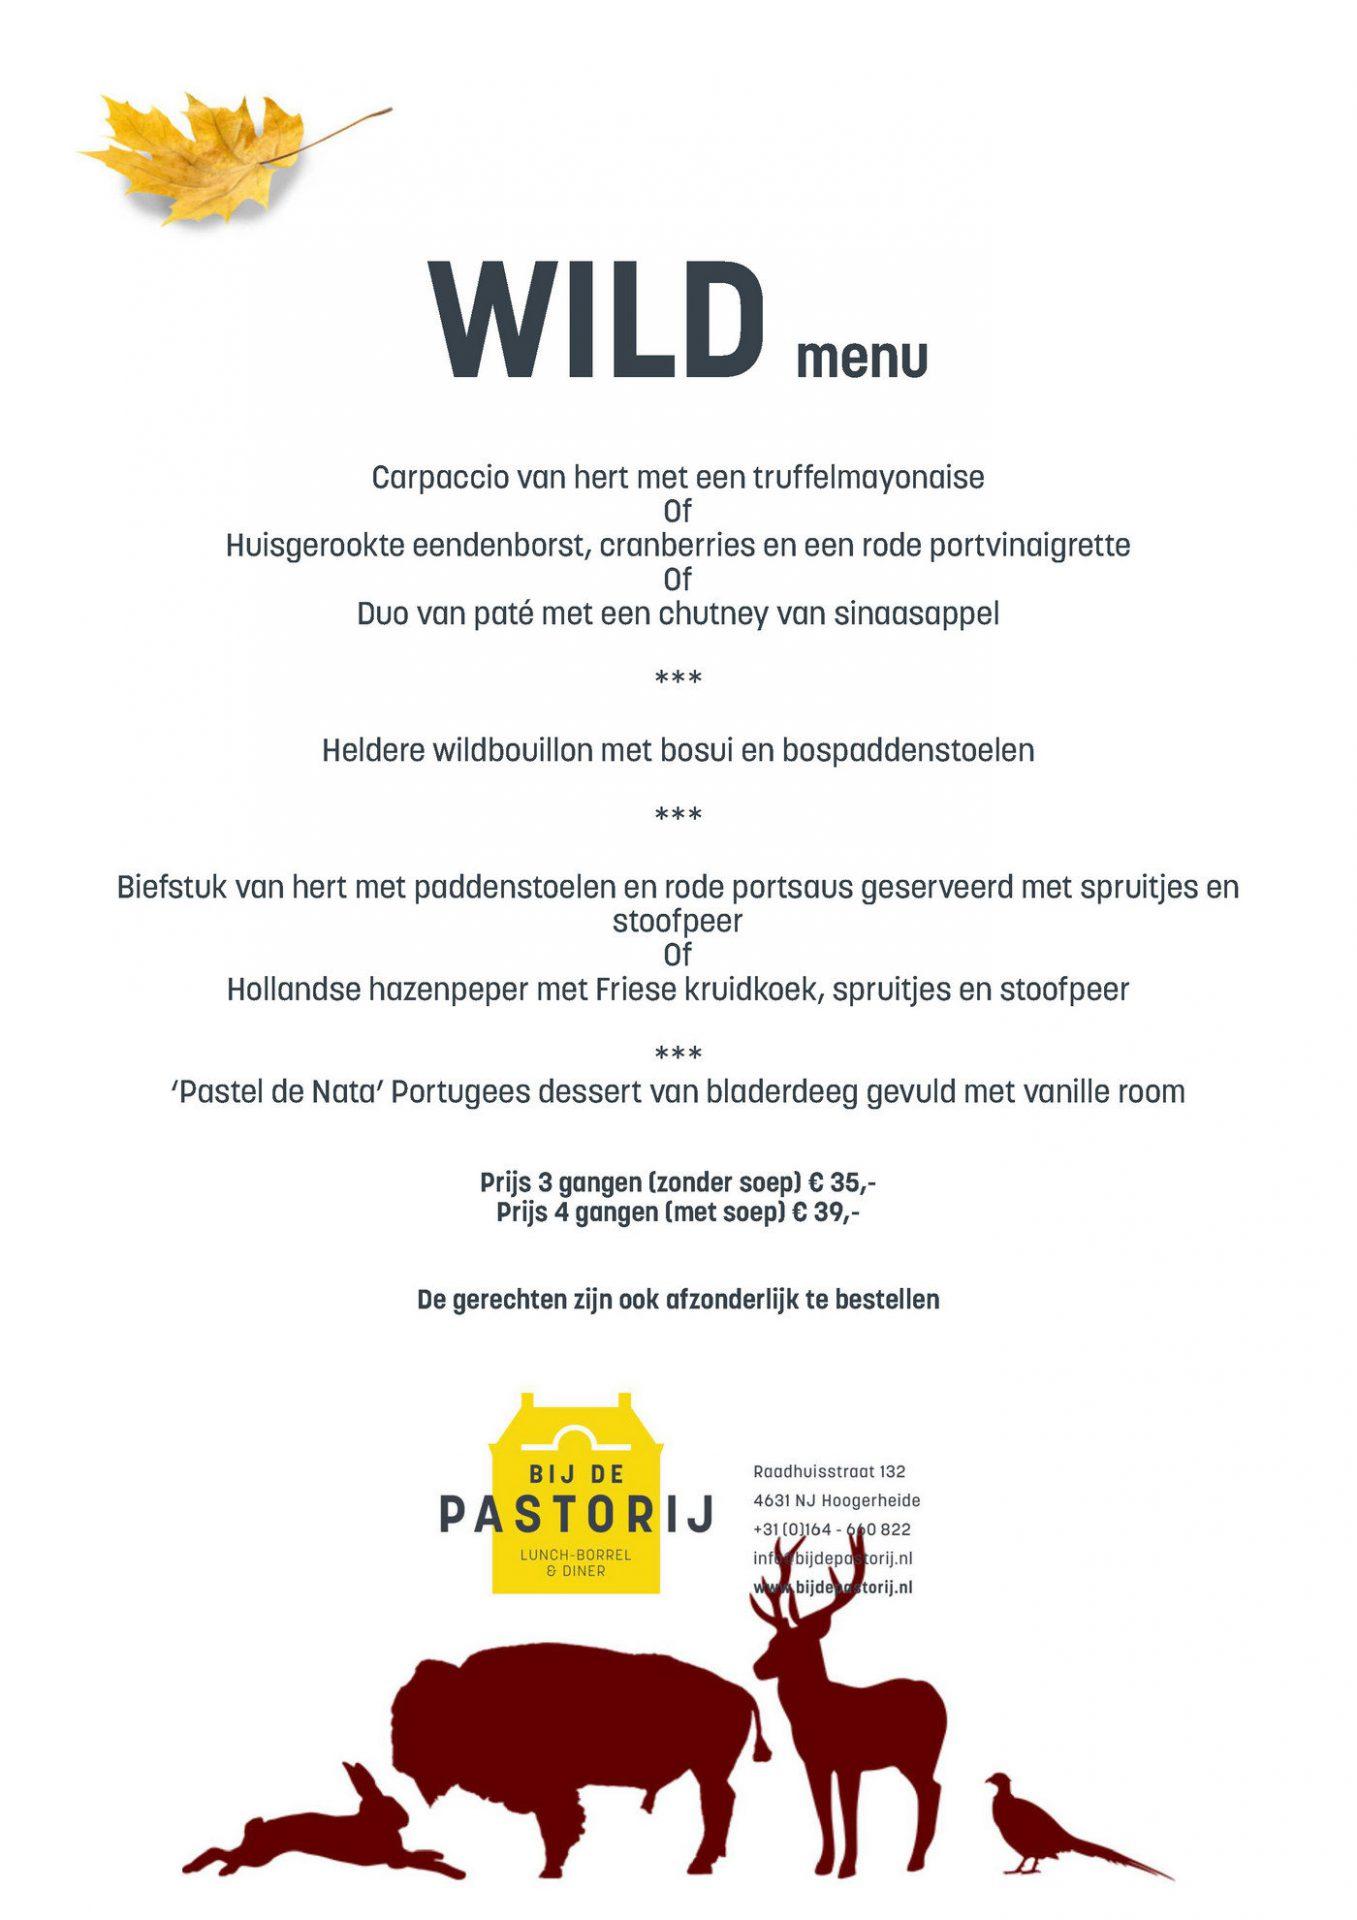 wildmenu-bij-de-pastorij-2019